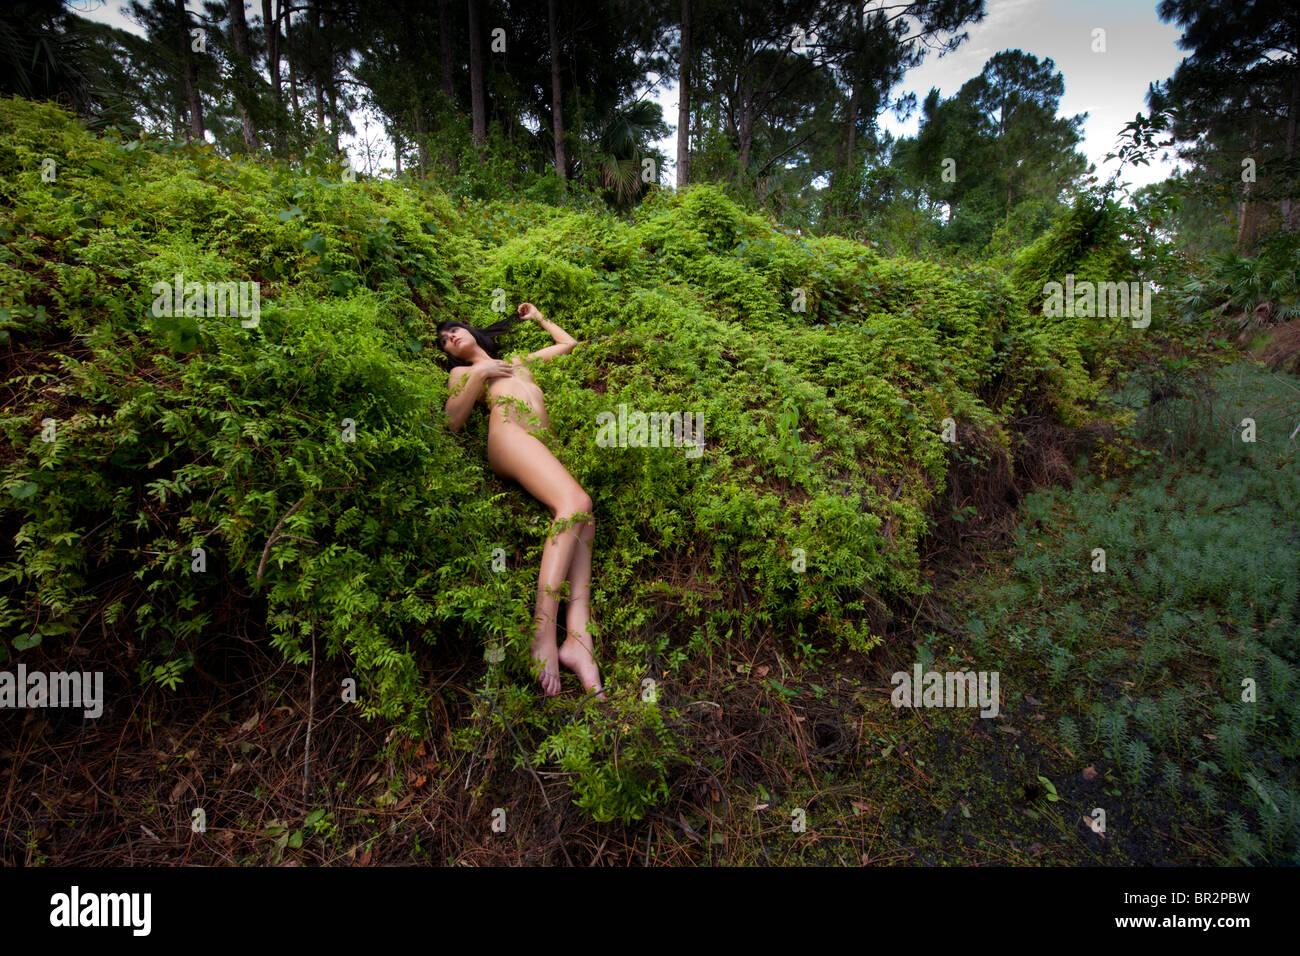 Natur junge frau nackt Schönheiten in